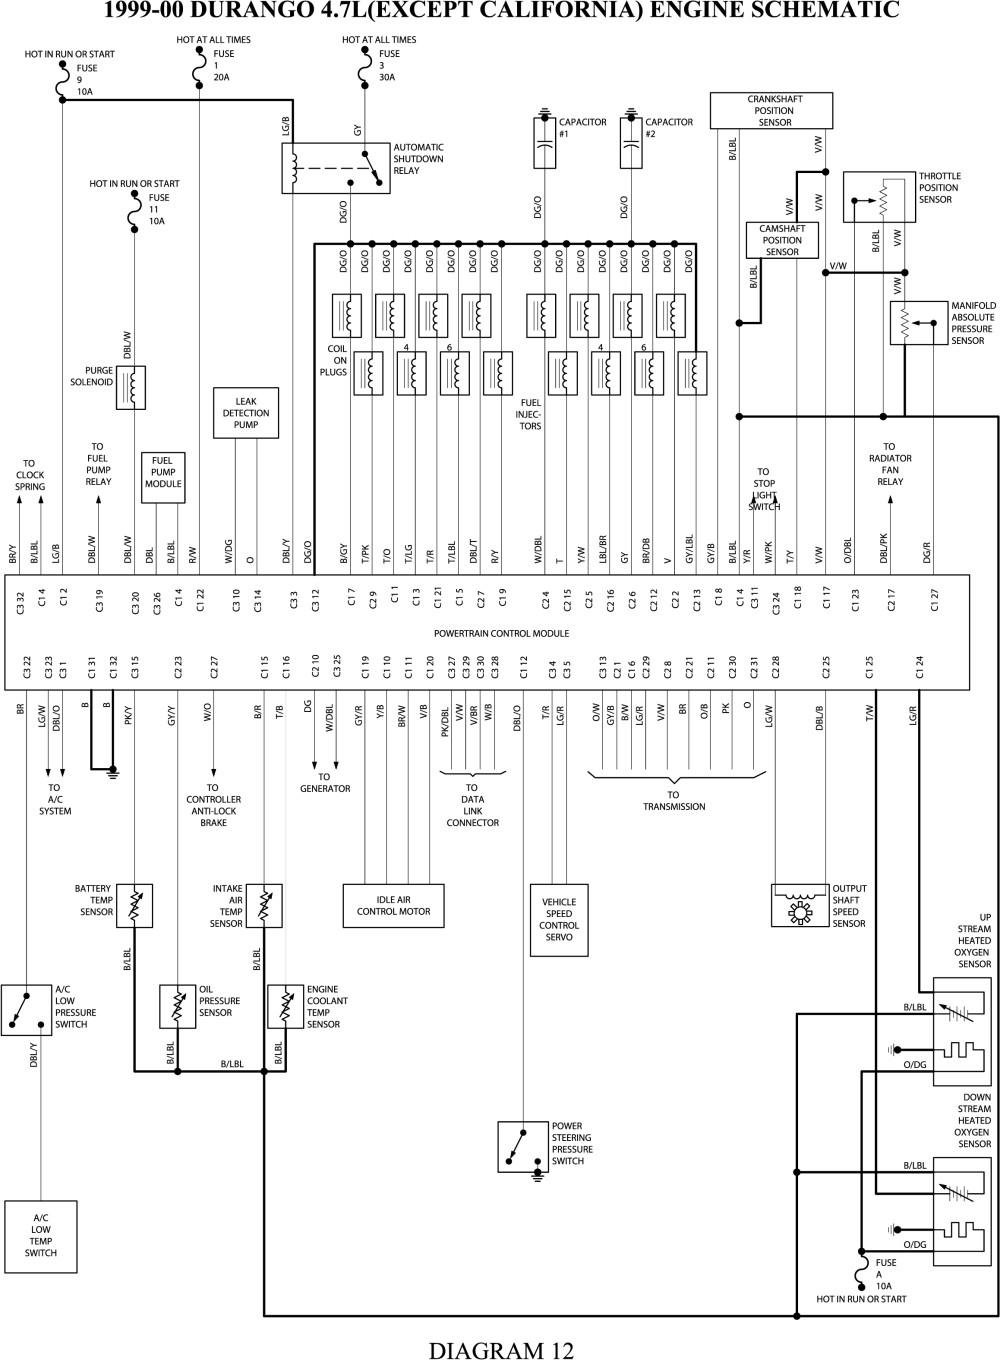 99 dodge durango wiring diagram Download-2001 dodge durango wiring diagram besides dodge ram wiring diagram rh jamairline co 1999 Dodge Durango 16-m